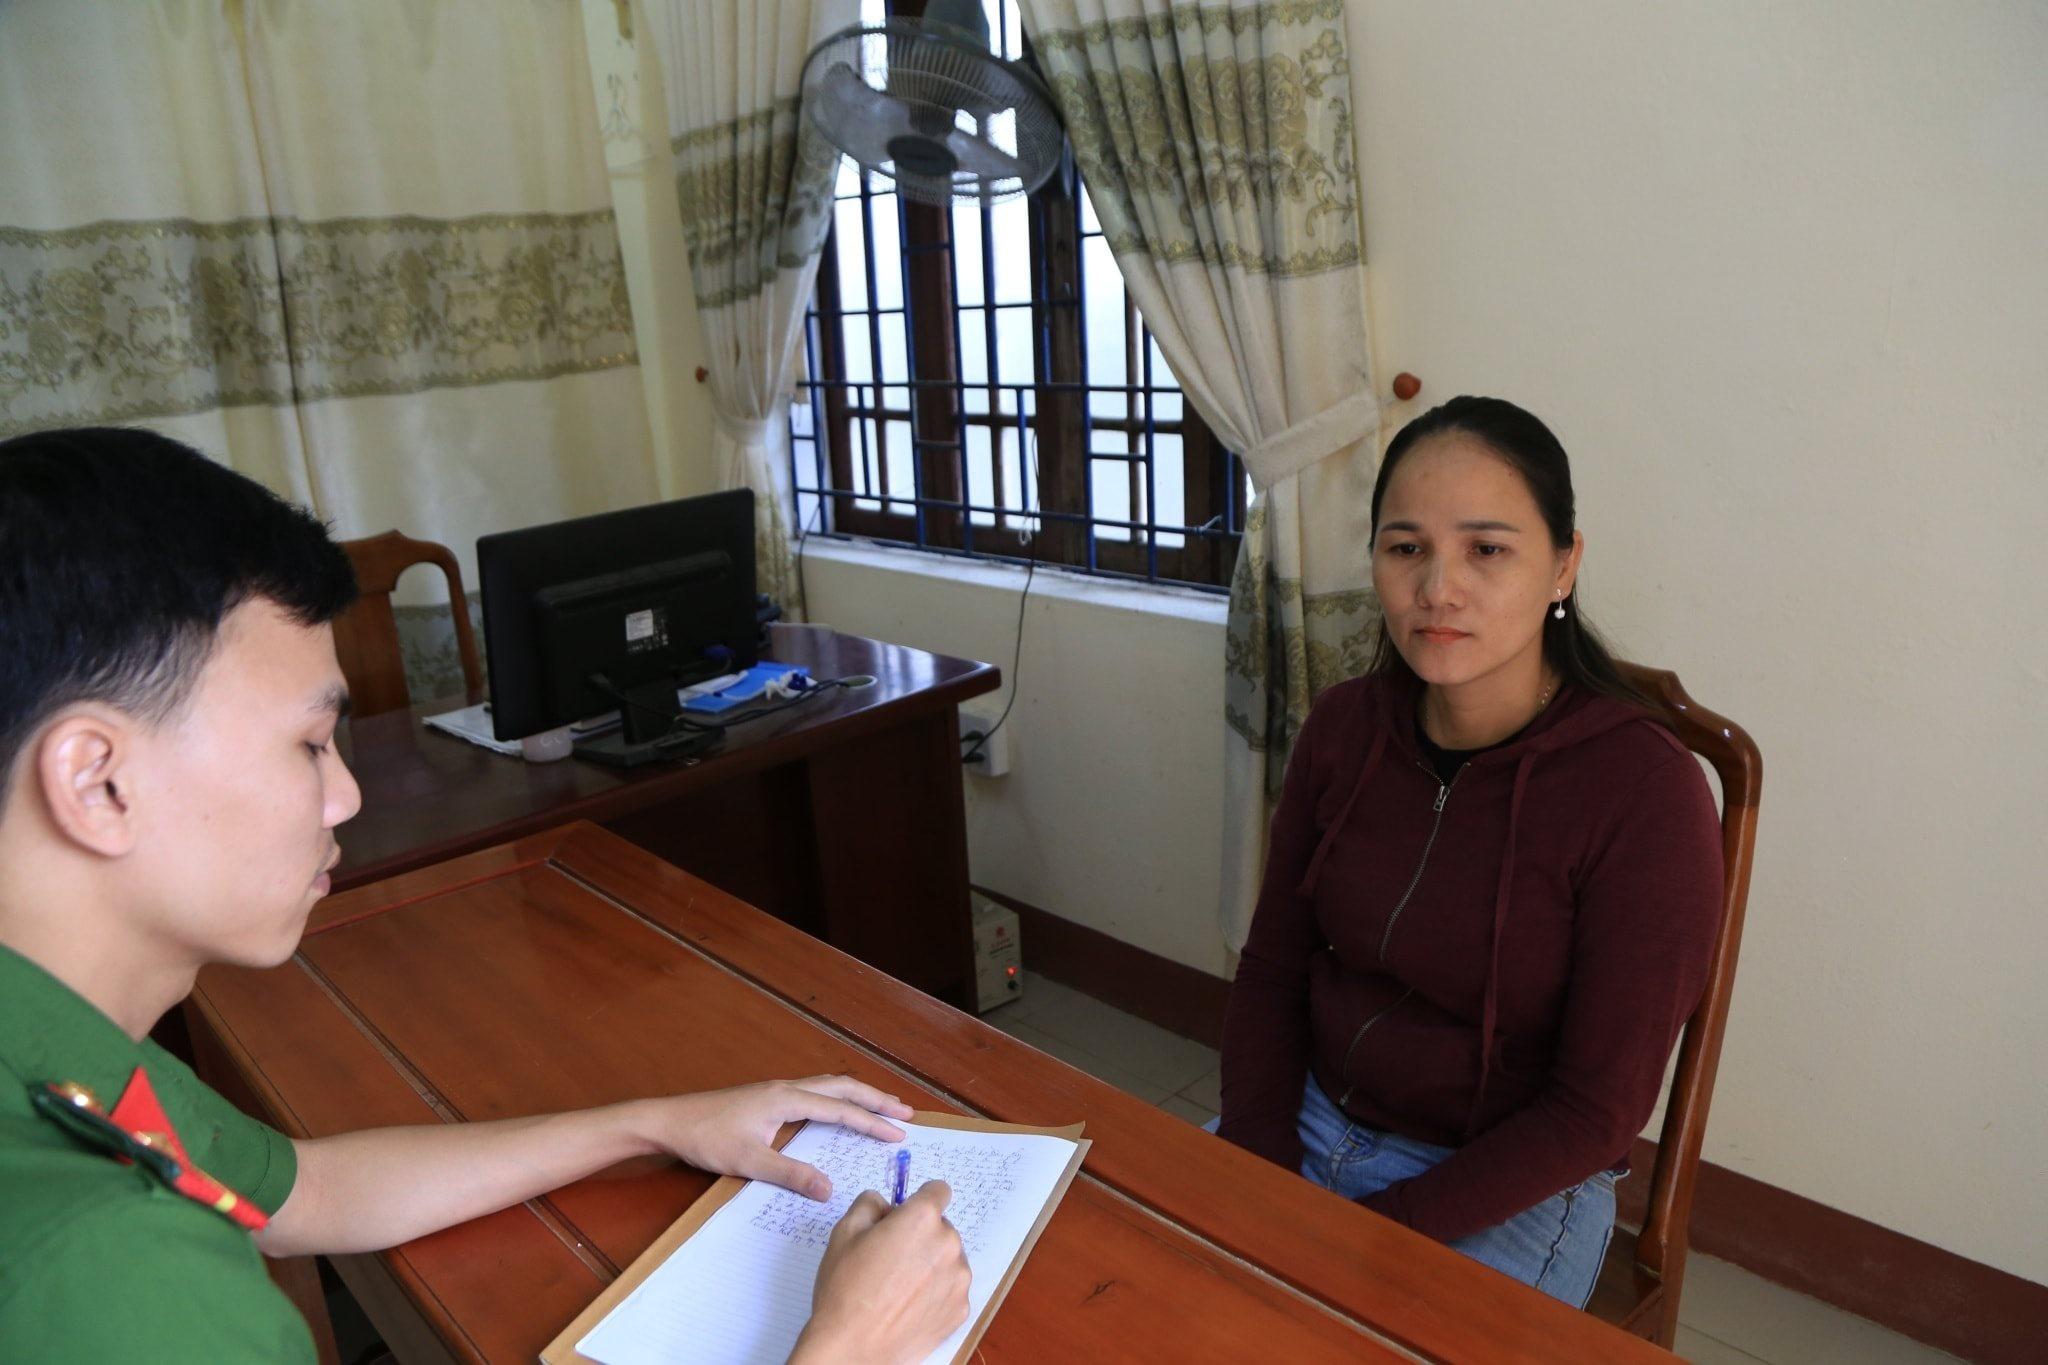 Lộ diện nhóm người đánh ghen tàn nhẫn cô gái ở Huế gây xôn xao dư luận những ngày qua 2